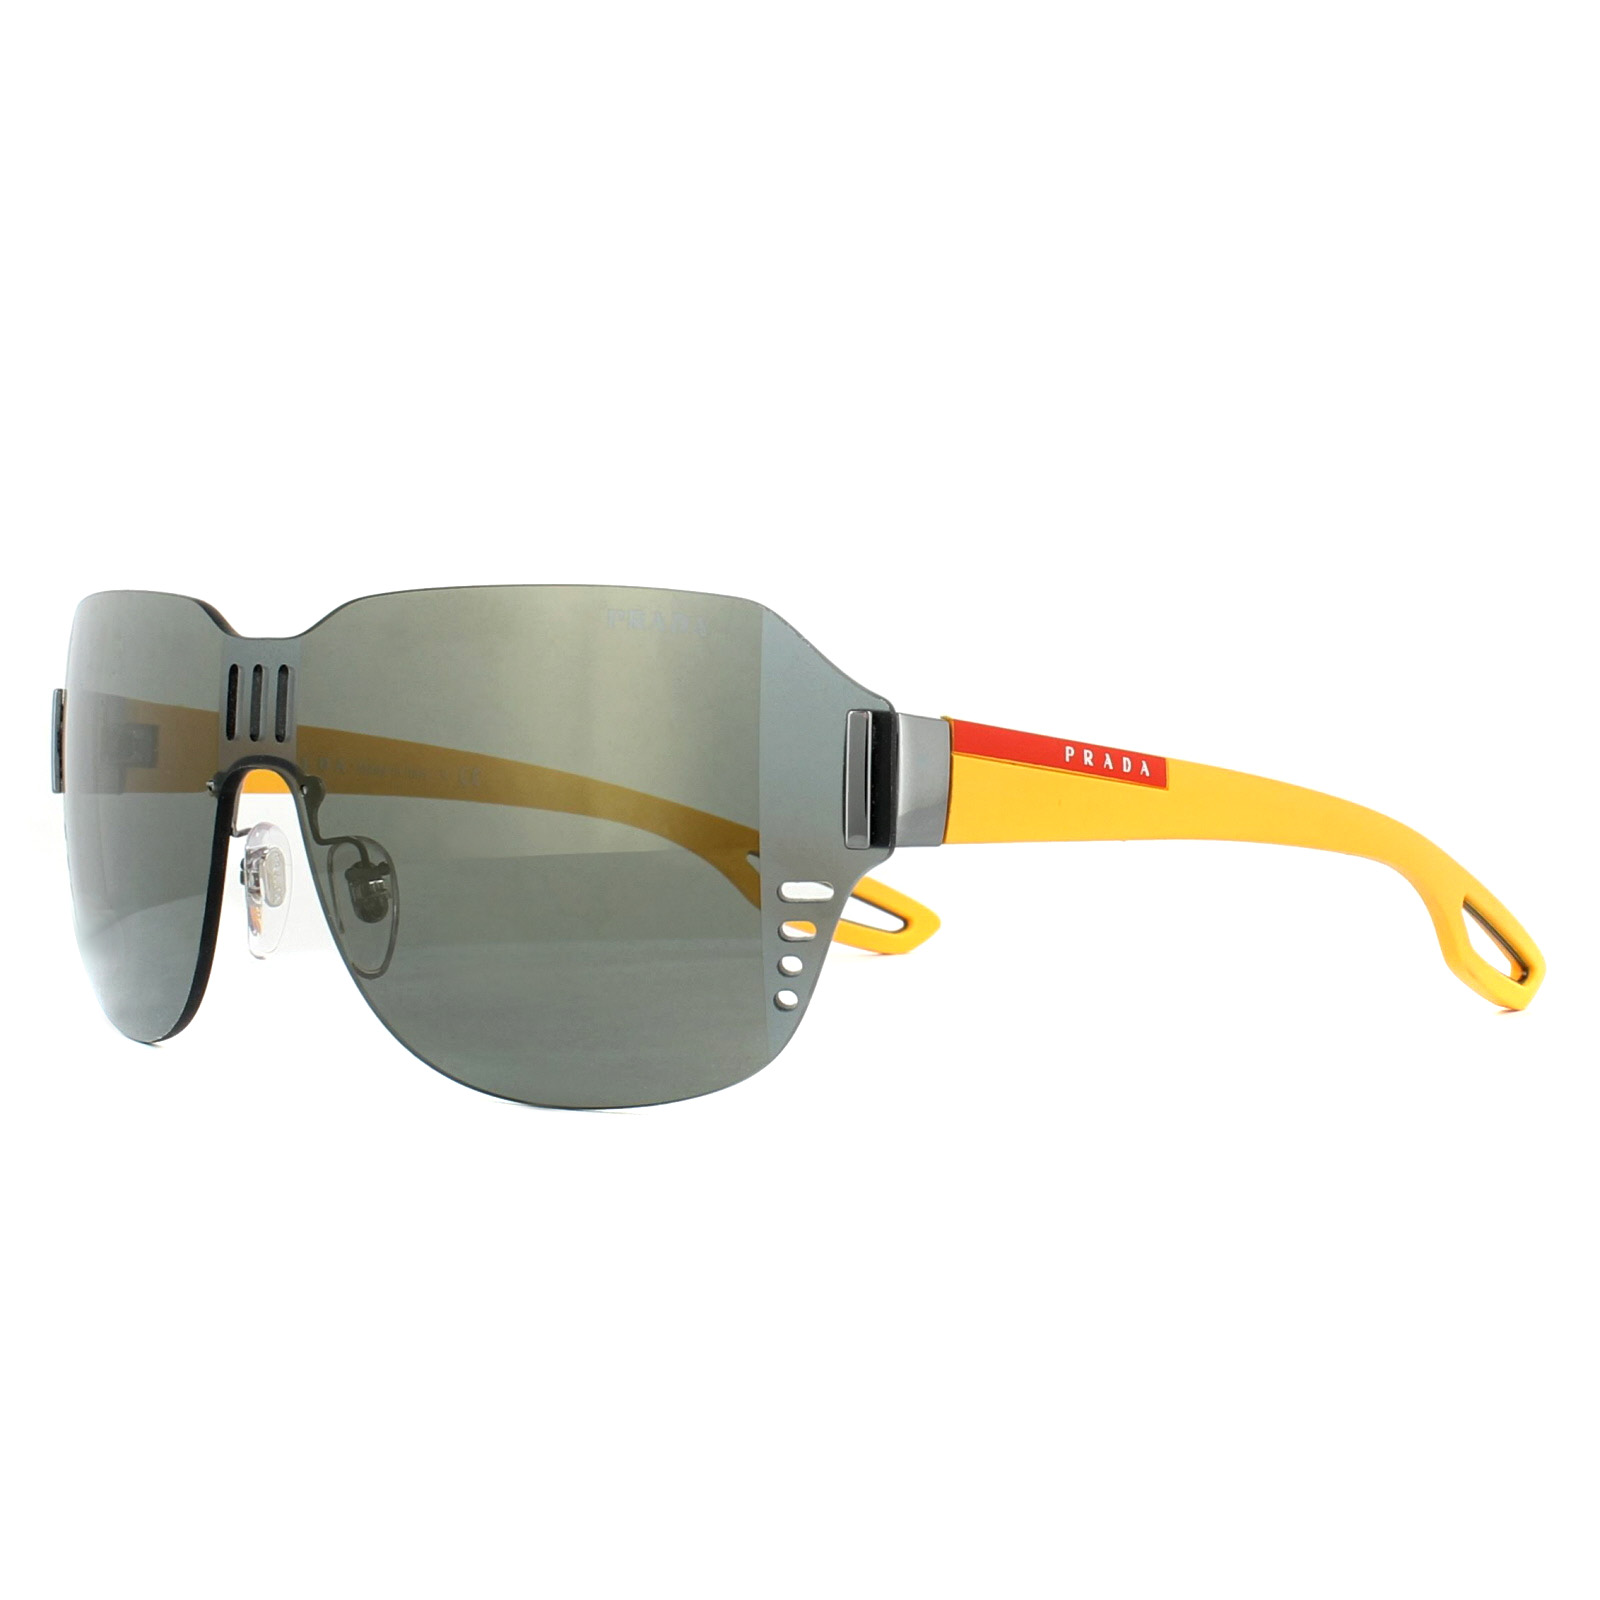 f068a5faa6c3 Sentinel Prada Sport Sunglasses 05SS 5AV4L0 Gunmetal Black Mirror